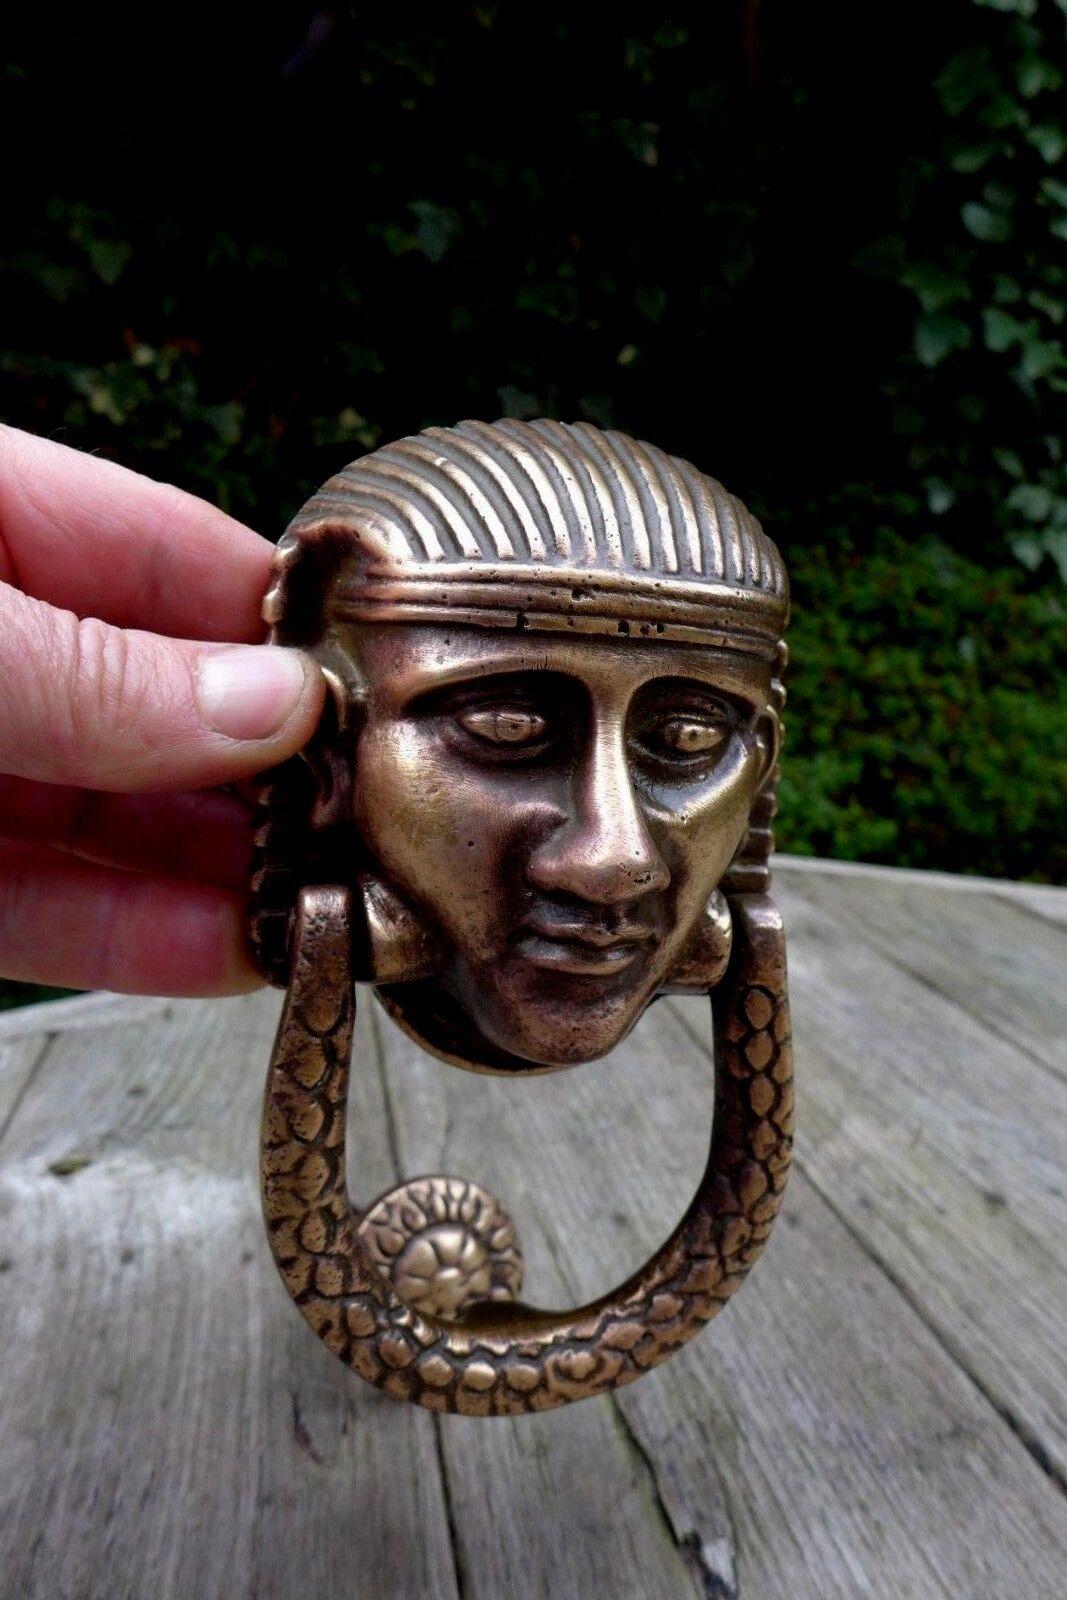 Antique Vintage brass bronze lot de heurtoir pharaon égyptien du projet projet du de conception 491971